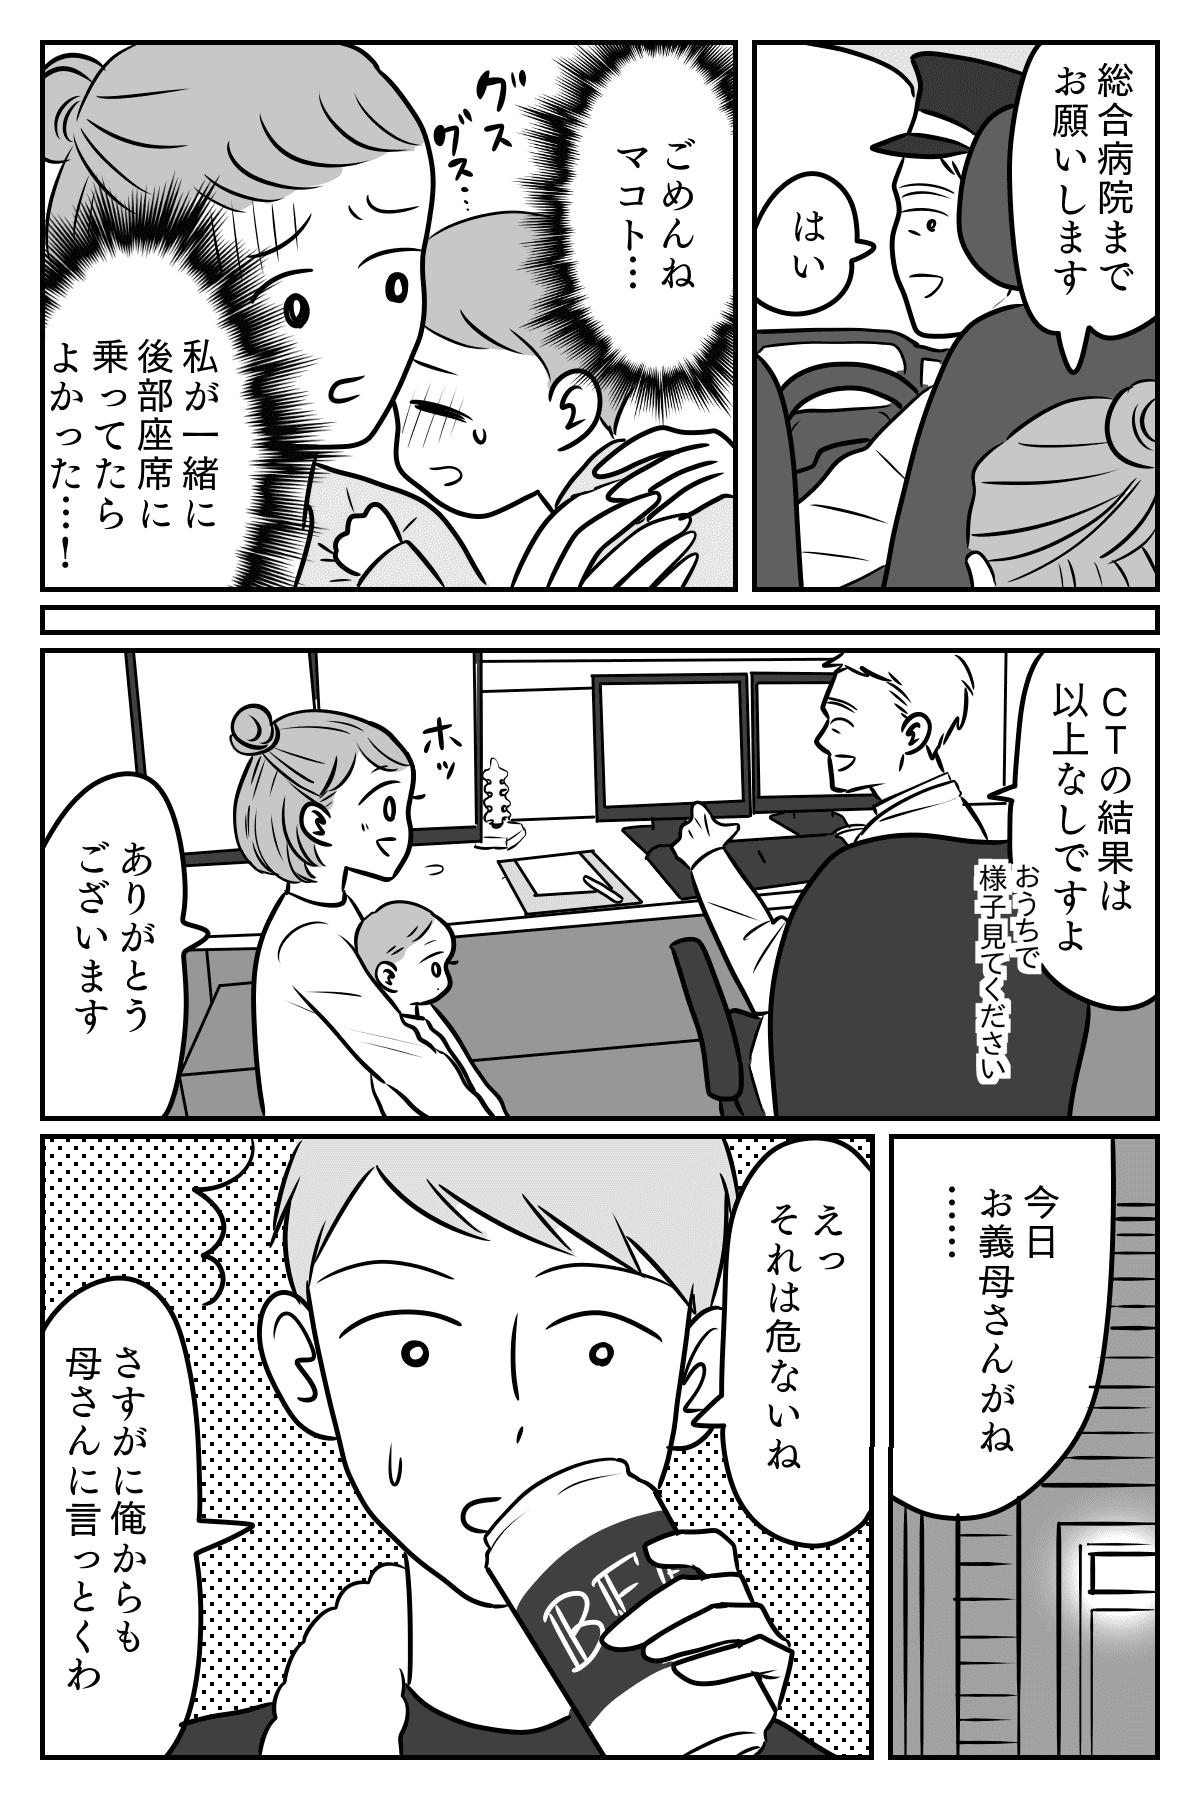 預からせて2-3 (1)